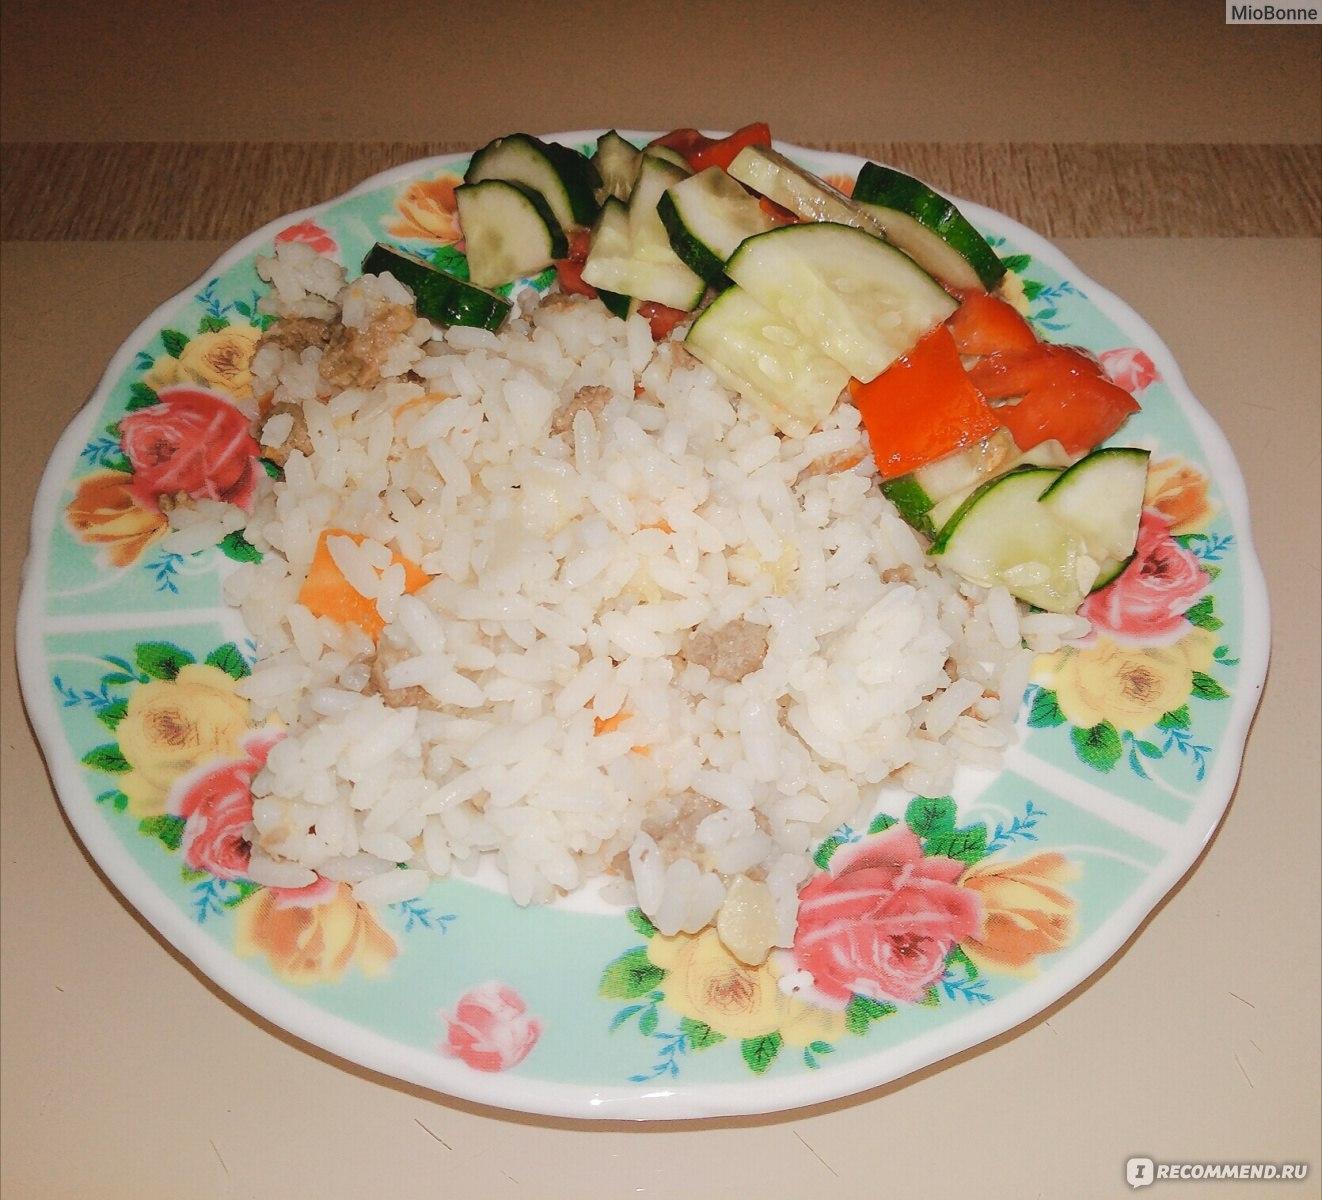 Питание через 2 часа для похудения меню